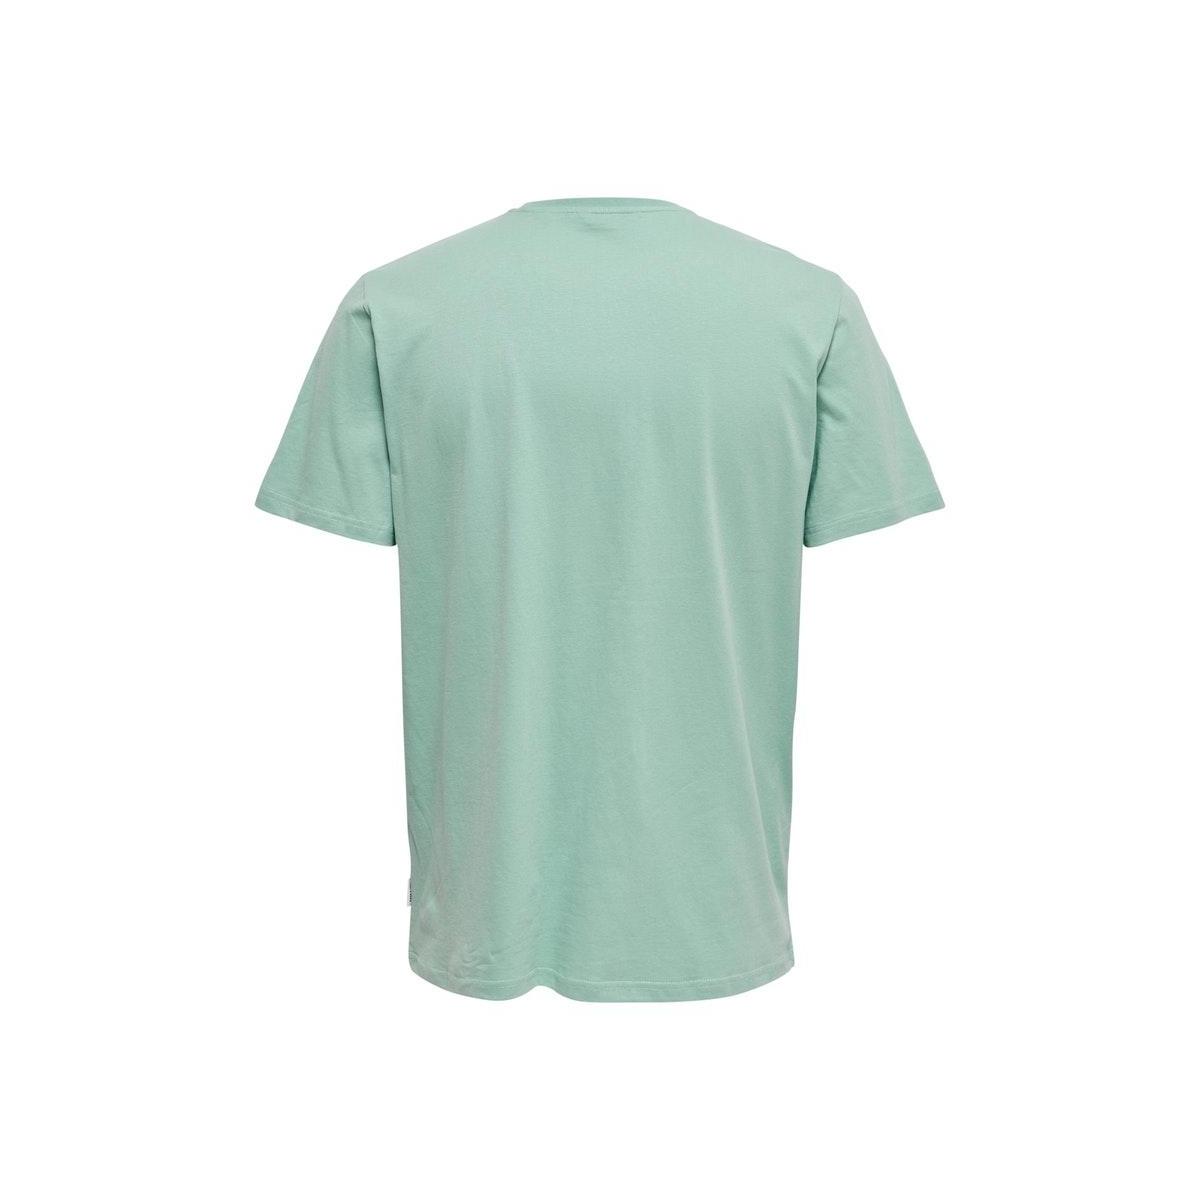 onskobi reg ss tee 22016072 only & sons t-shirt aquifer